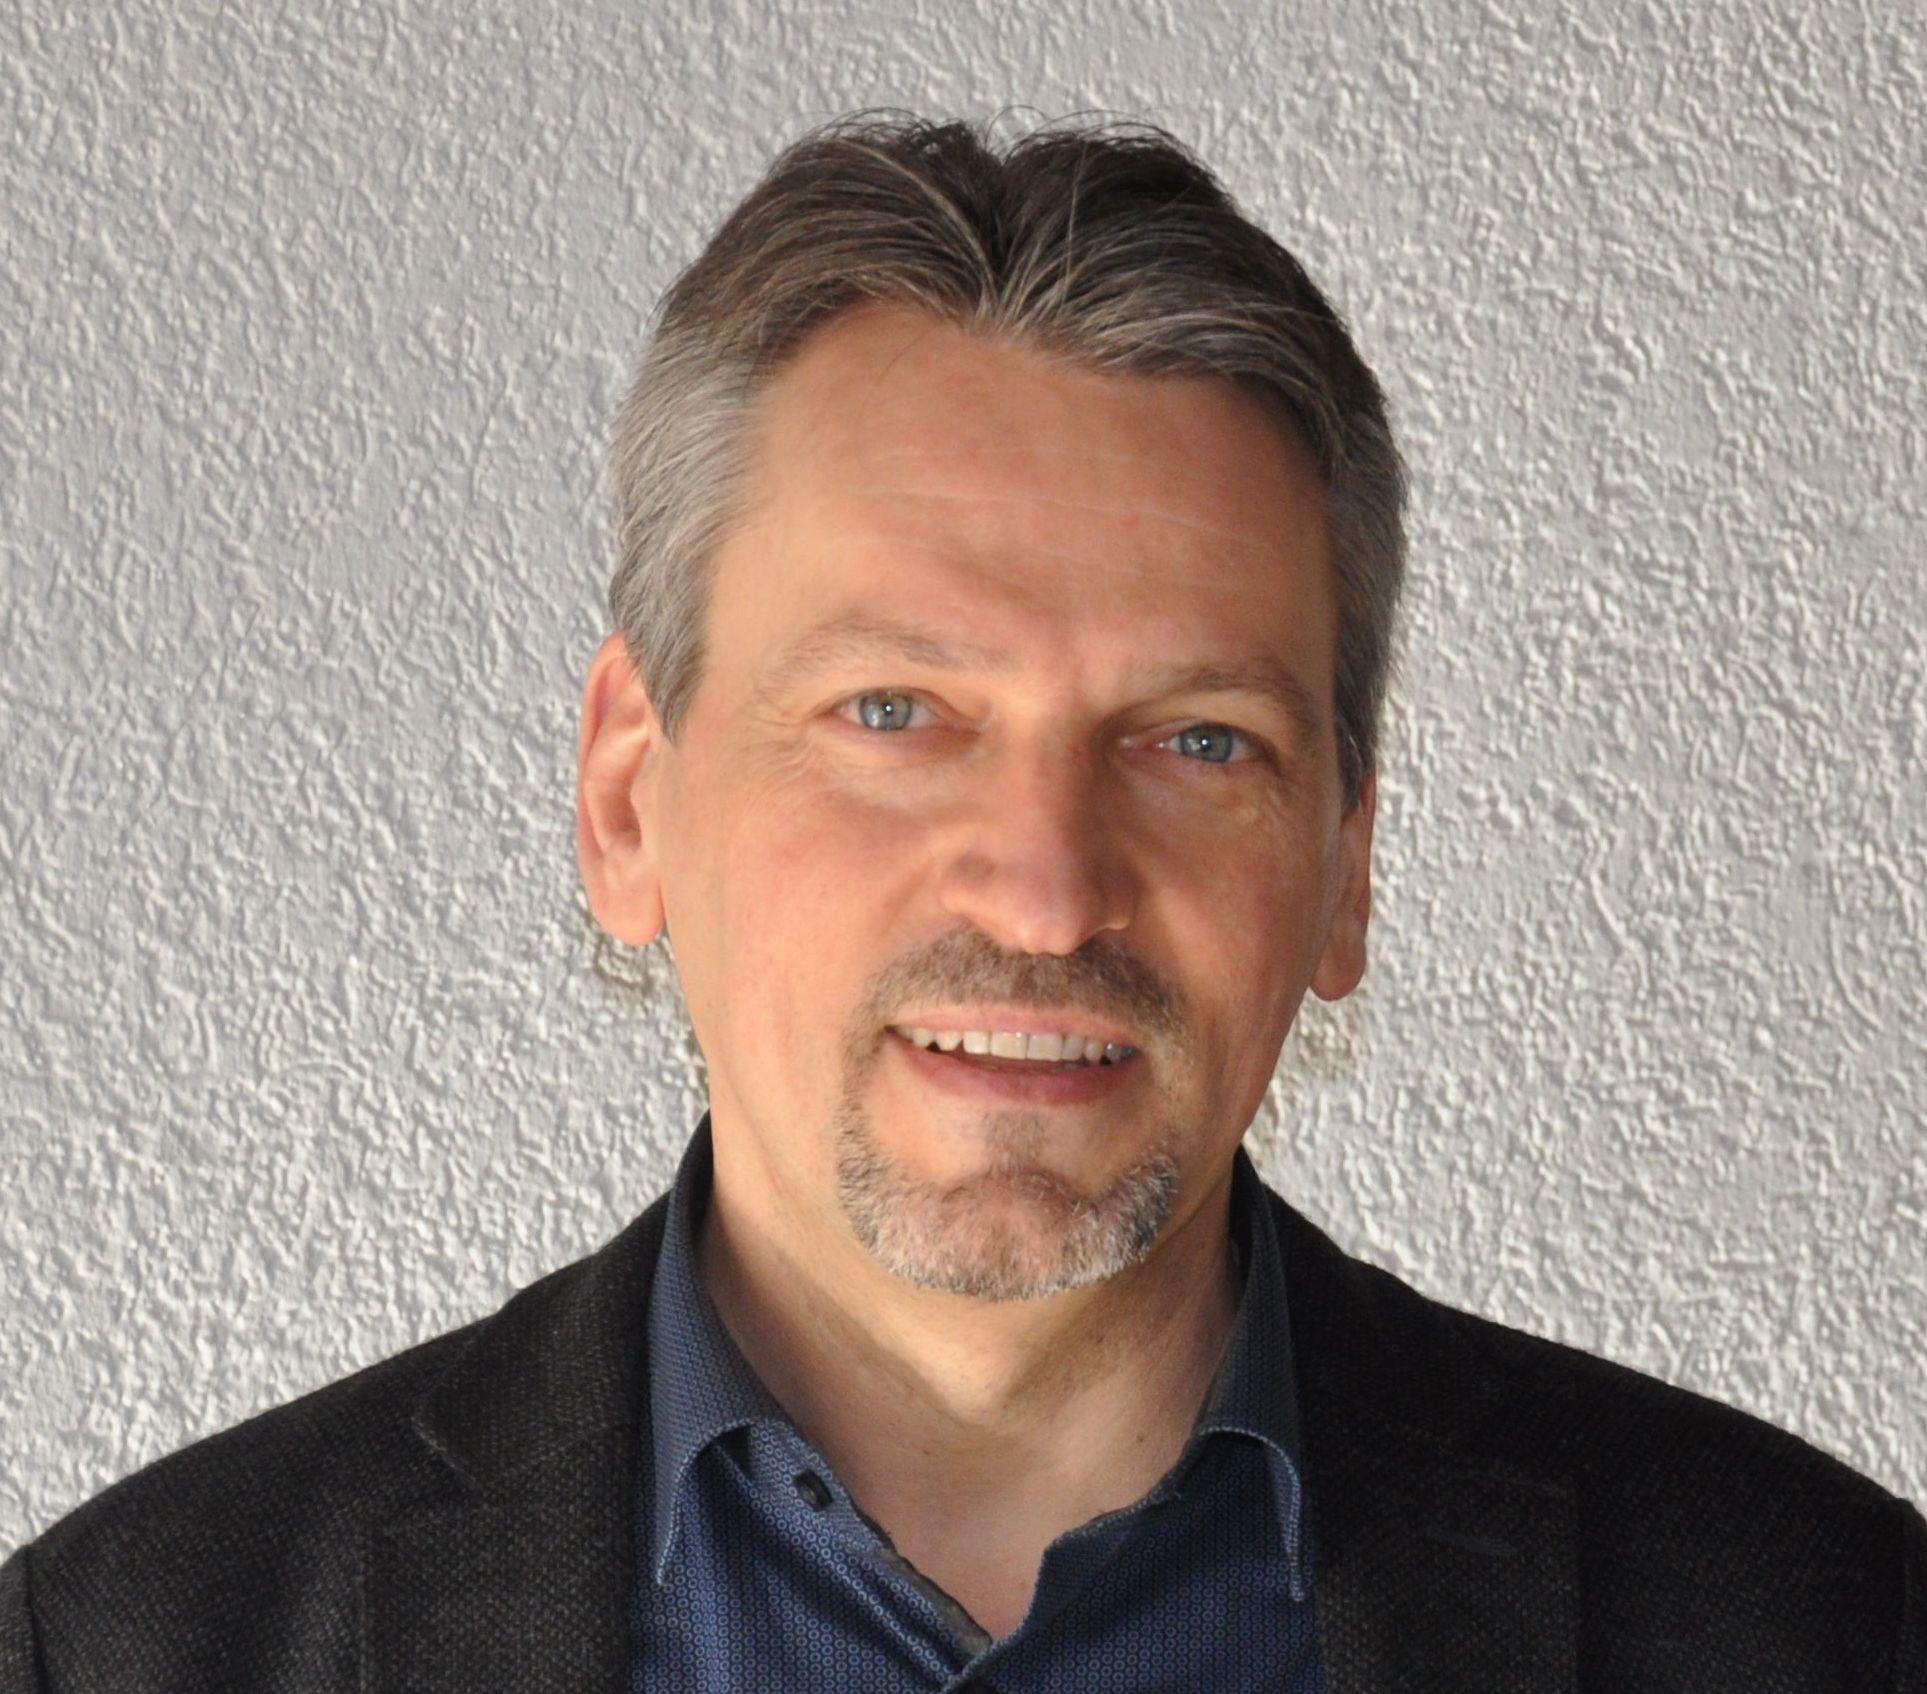 Die Fragen stellte  Armin Scheuermann, Chefredakteur der CHEMIE TECHNIK